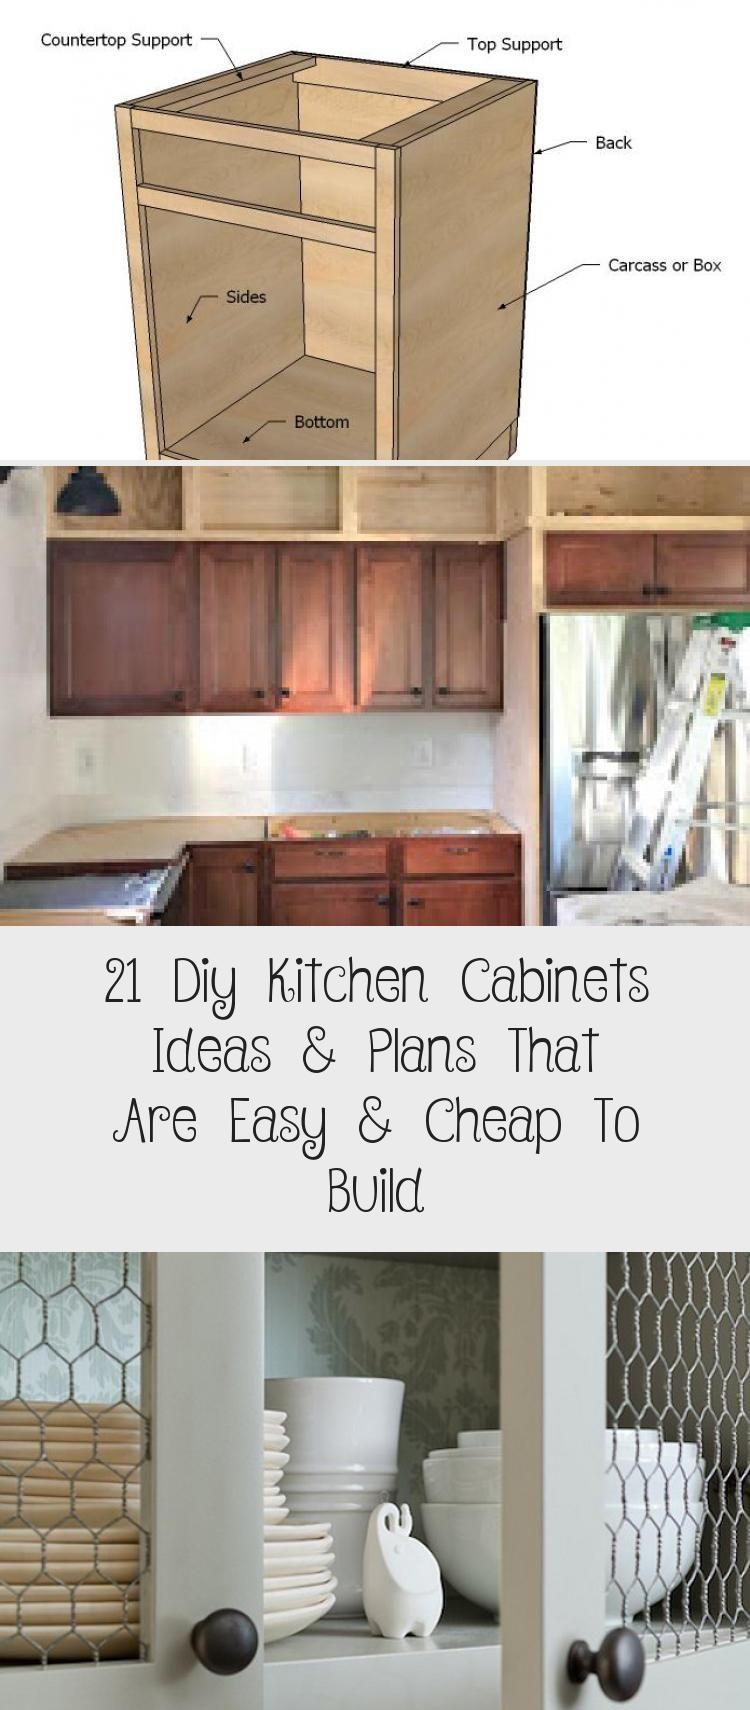 Pin On Tinyhouse Kitchen Ideas